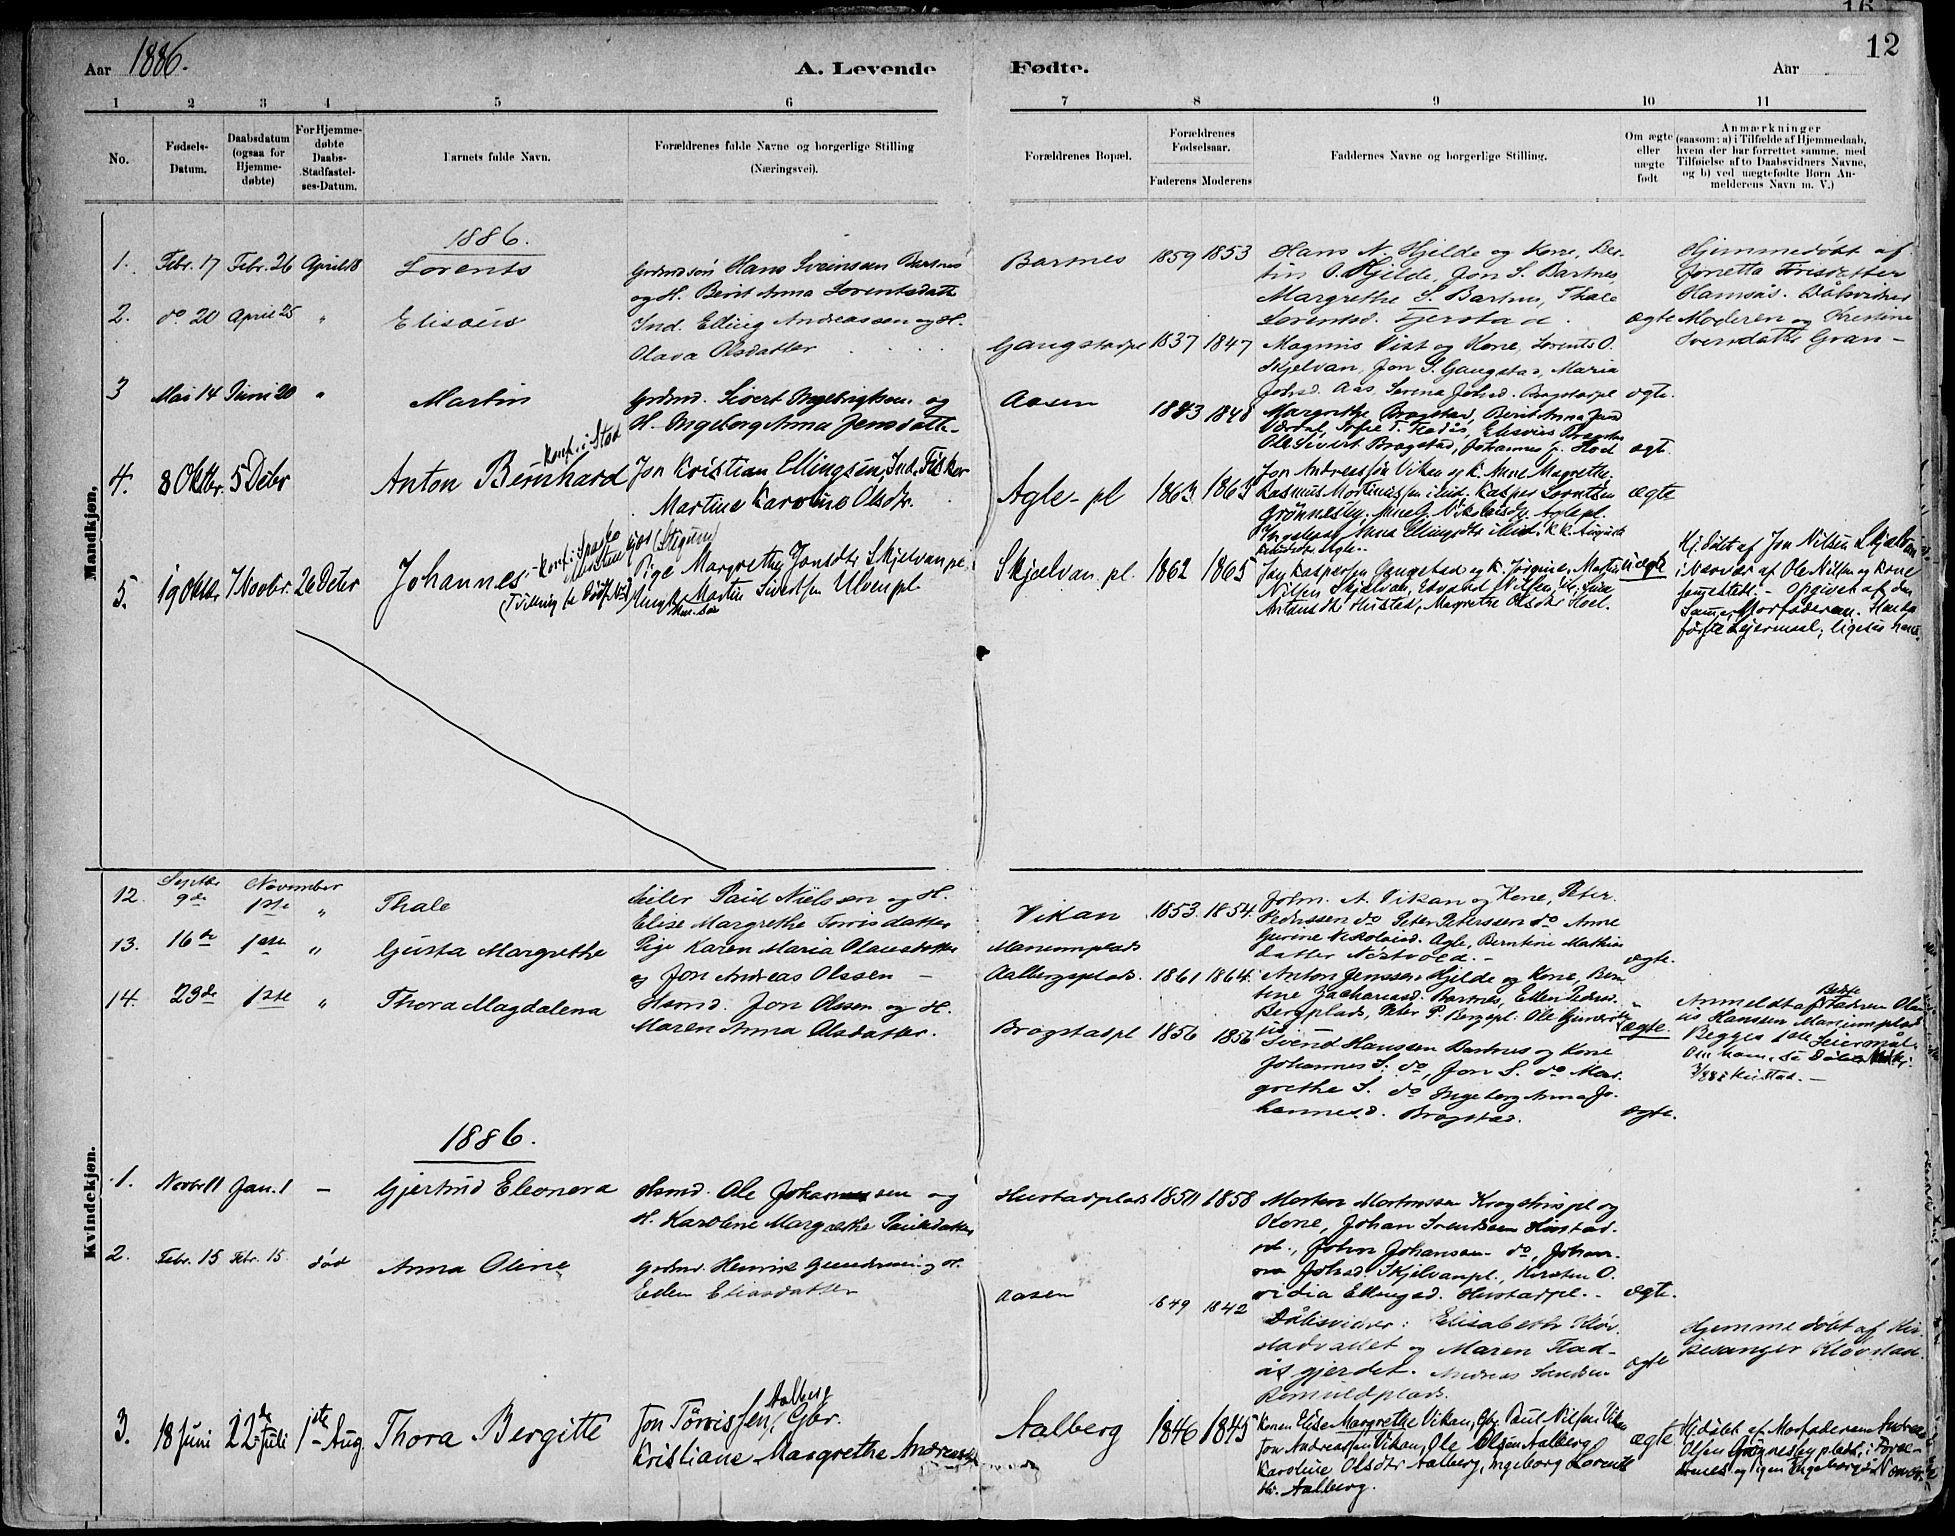 SAT, Ministerialprotokoller, klokkerbøker og fødselsregistre - Nord-Trøndelag, 732/L0316: Ministerialbok nr. 732A01, 1879-1921, s. 12